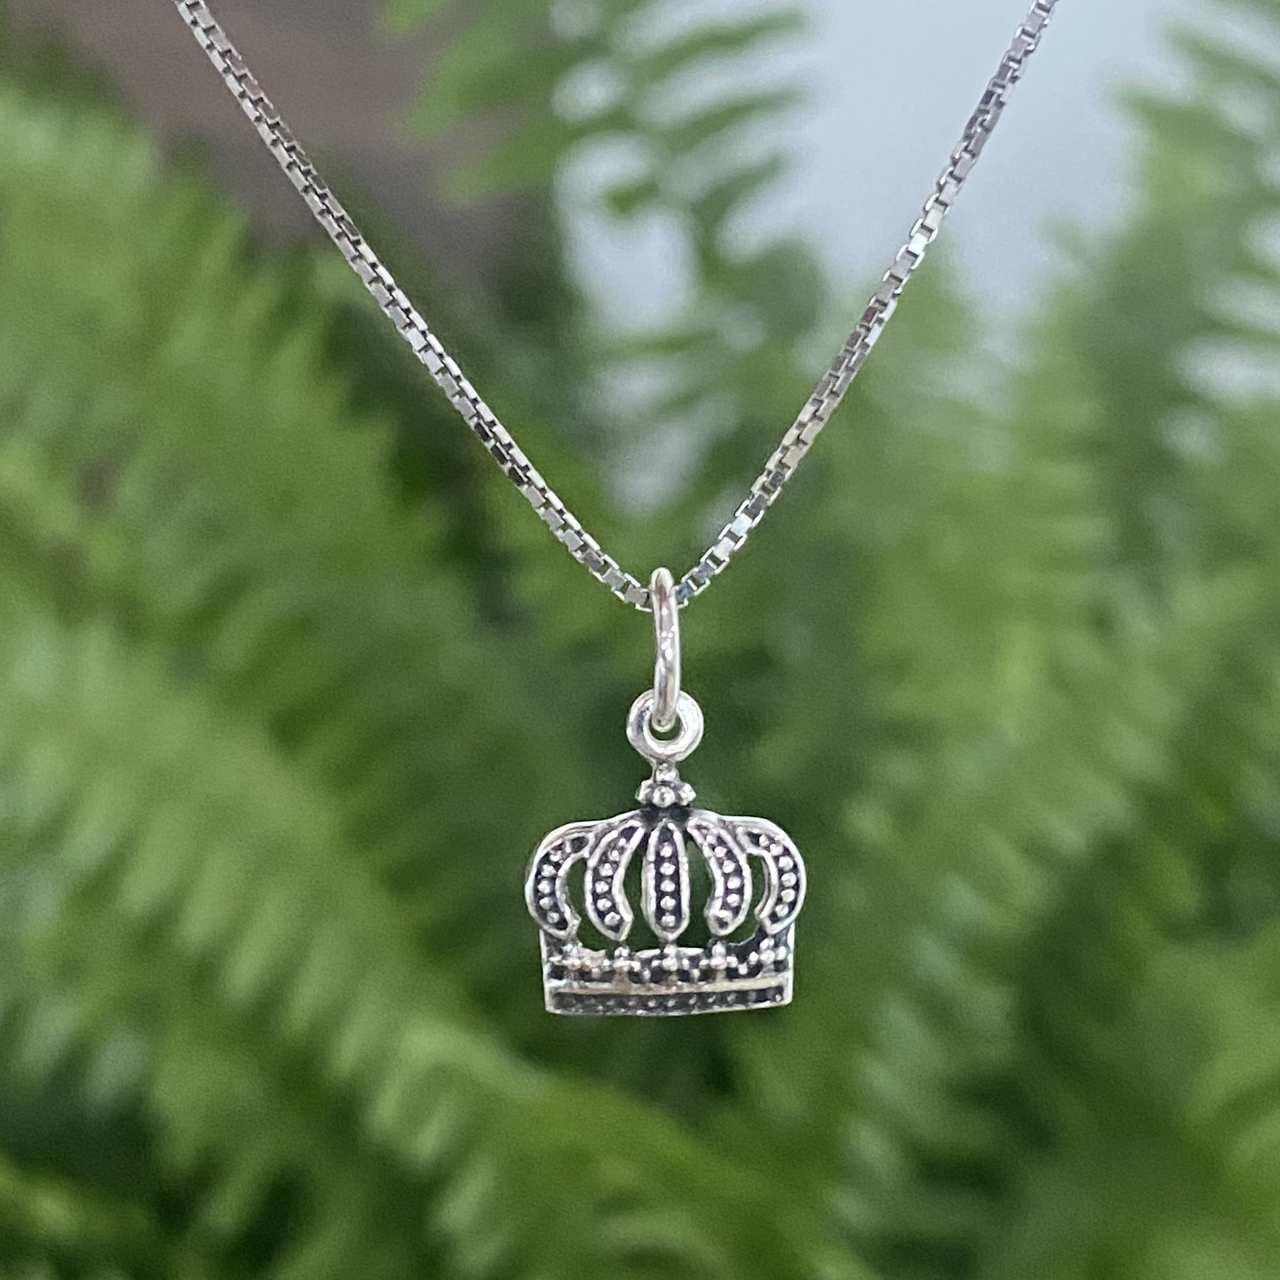 Pingente de Prata 925 Coroa Envelhecida 1,6cm